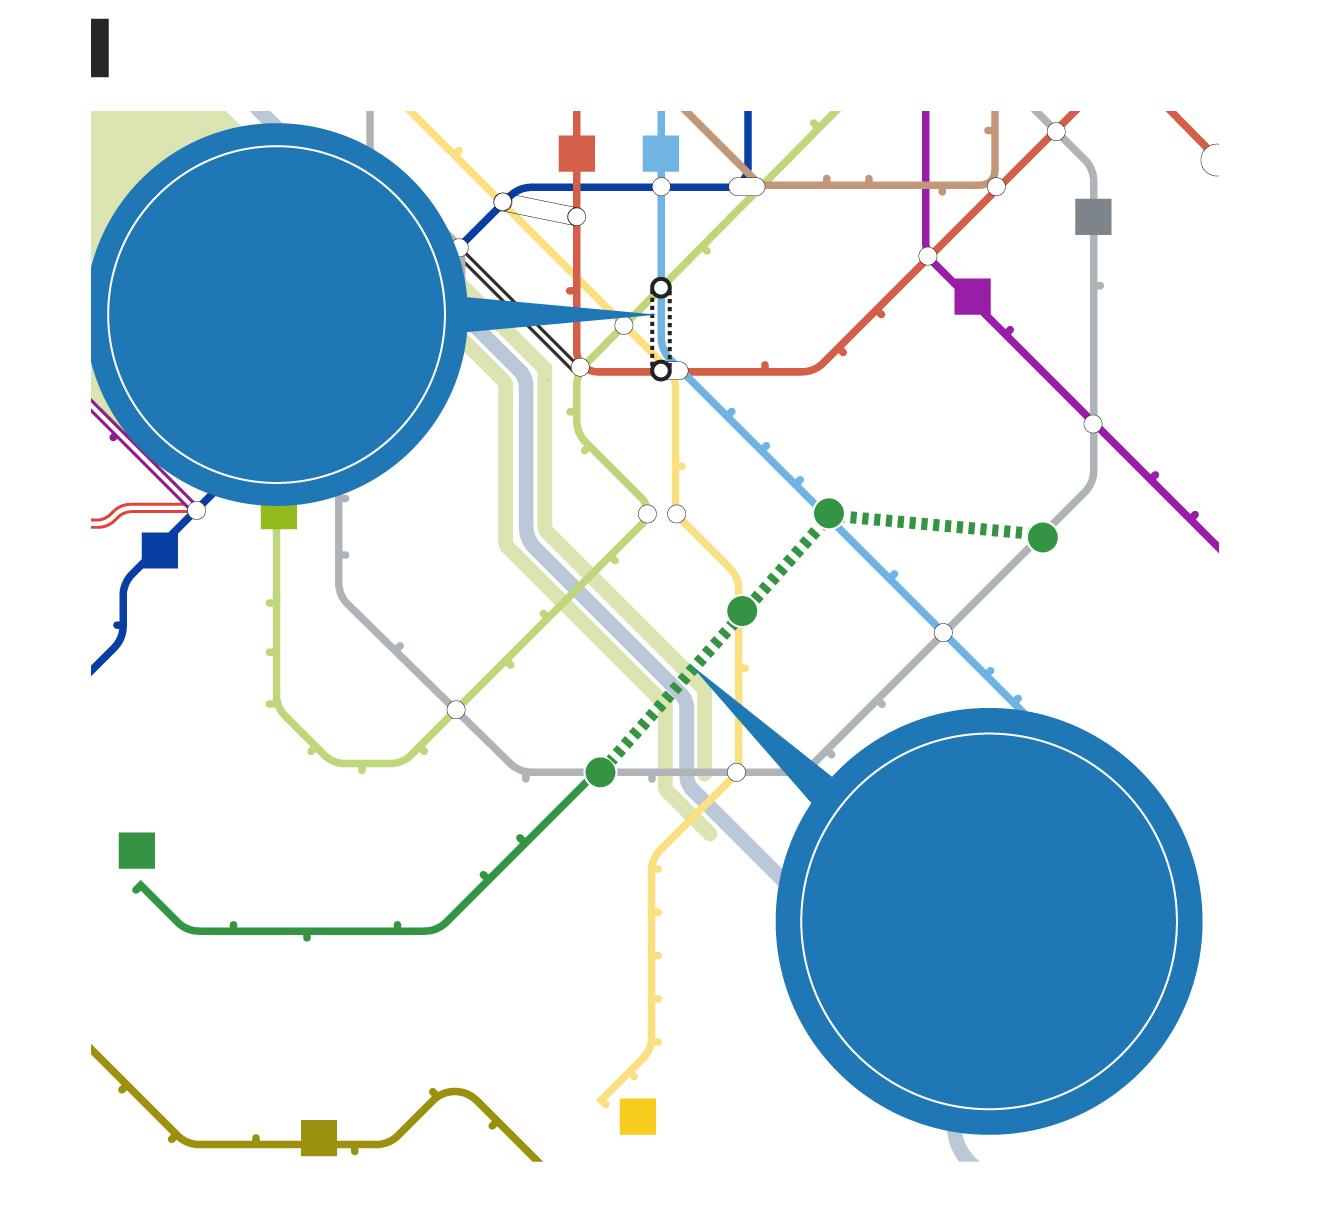 La Ampliacion De La Linea 11 De Metro Madrid Estara Lista En Verano